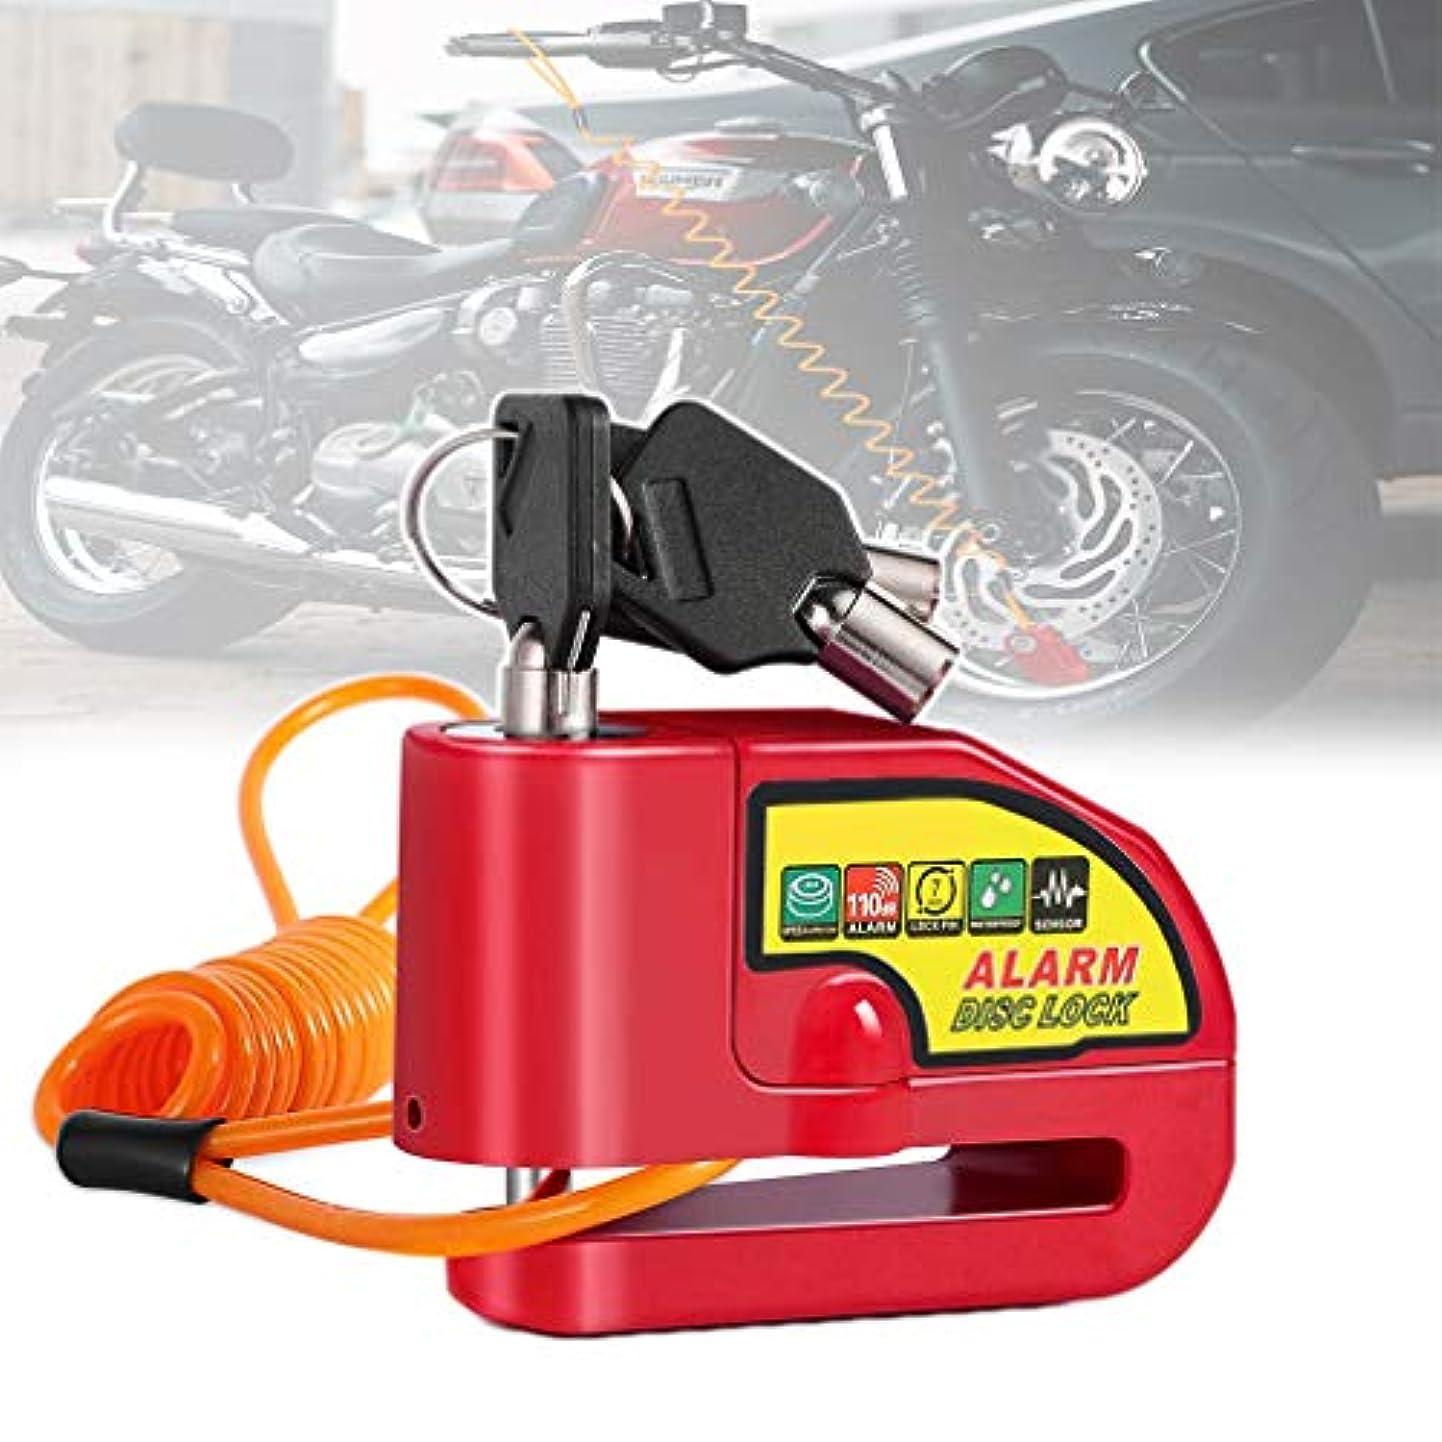 本質的ではない鋼逃げるディスクロックアラーム、オートバイの電子バイク自転車スクーター、0.27インチ/ 7ミリメートルのロックのための110デシベルのアラーム音ディスクブレーキ南京錠